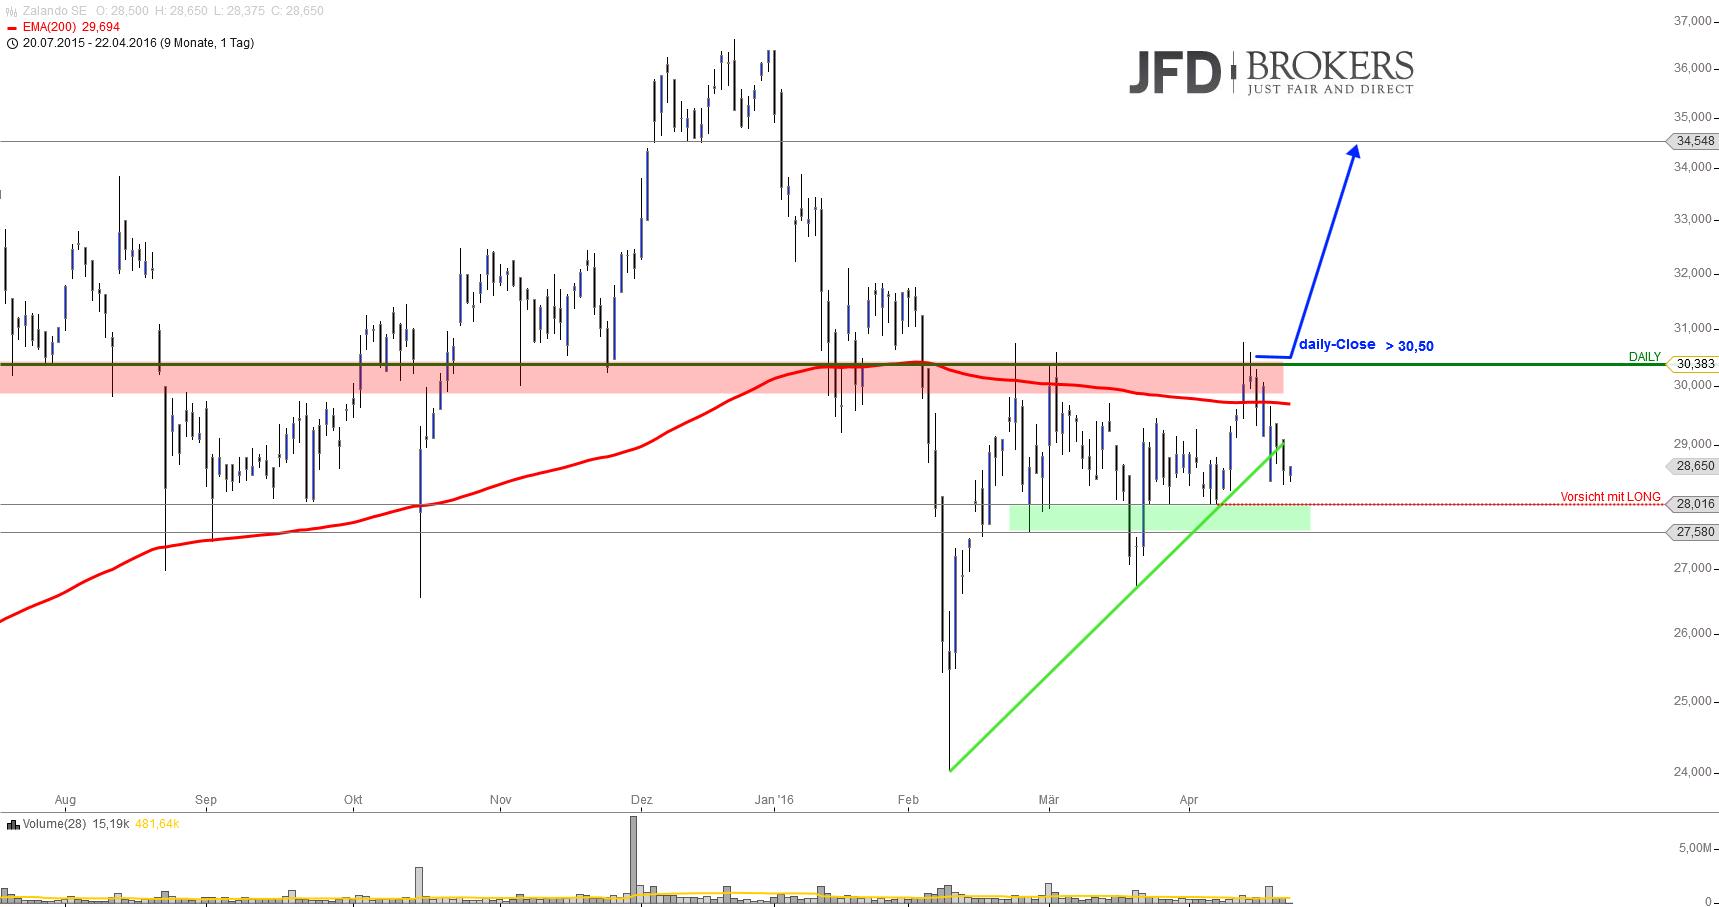 Ausbruchskandidaten-3-von-4-getriggert-Kommentar-JFD-Brokers-GodmodeTrader.de-3